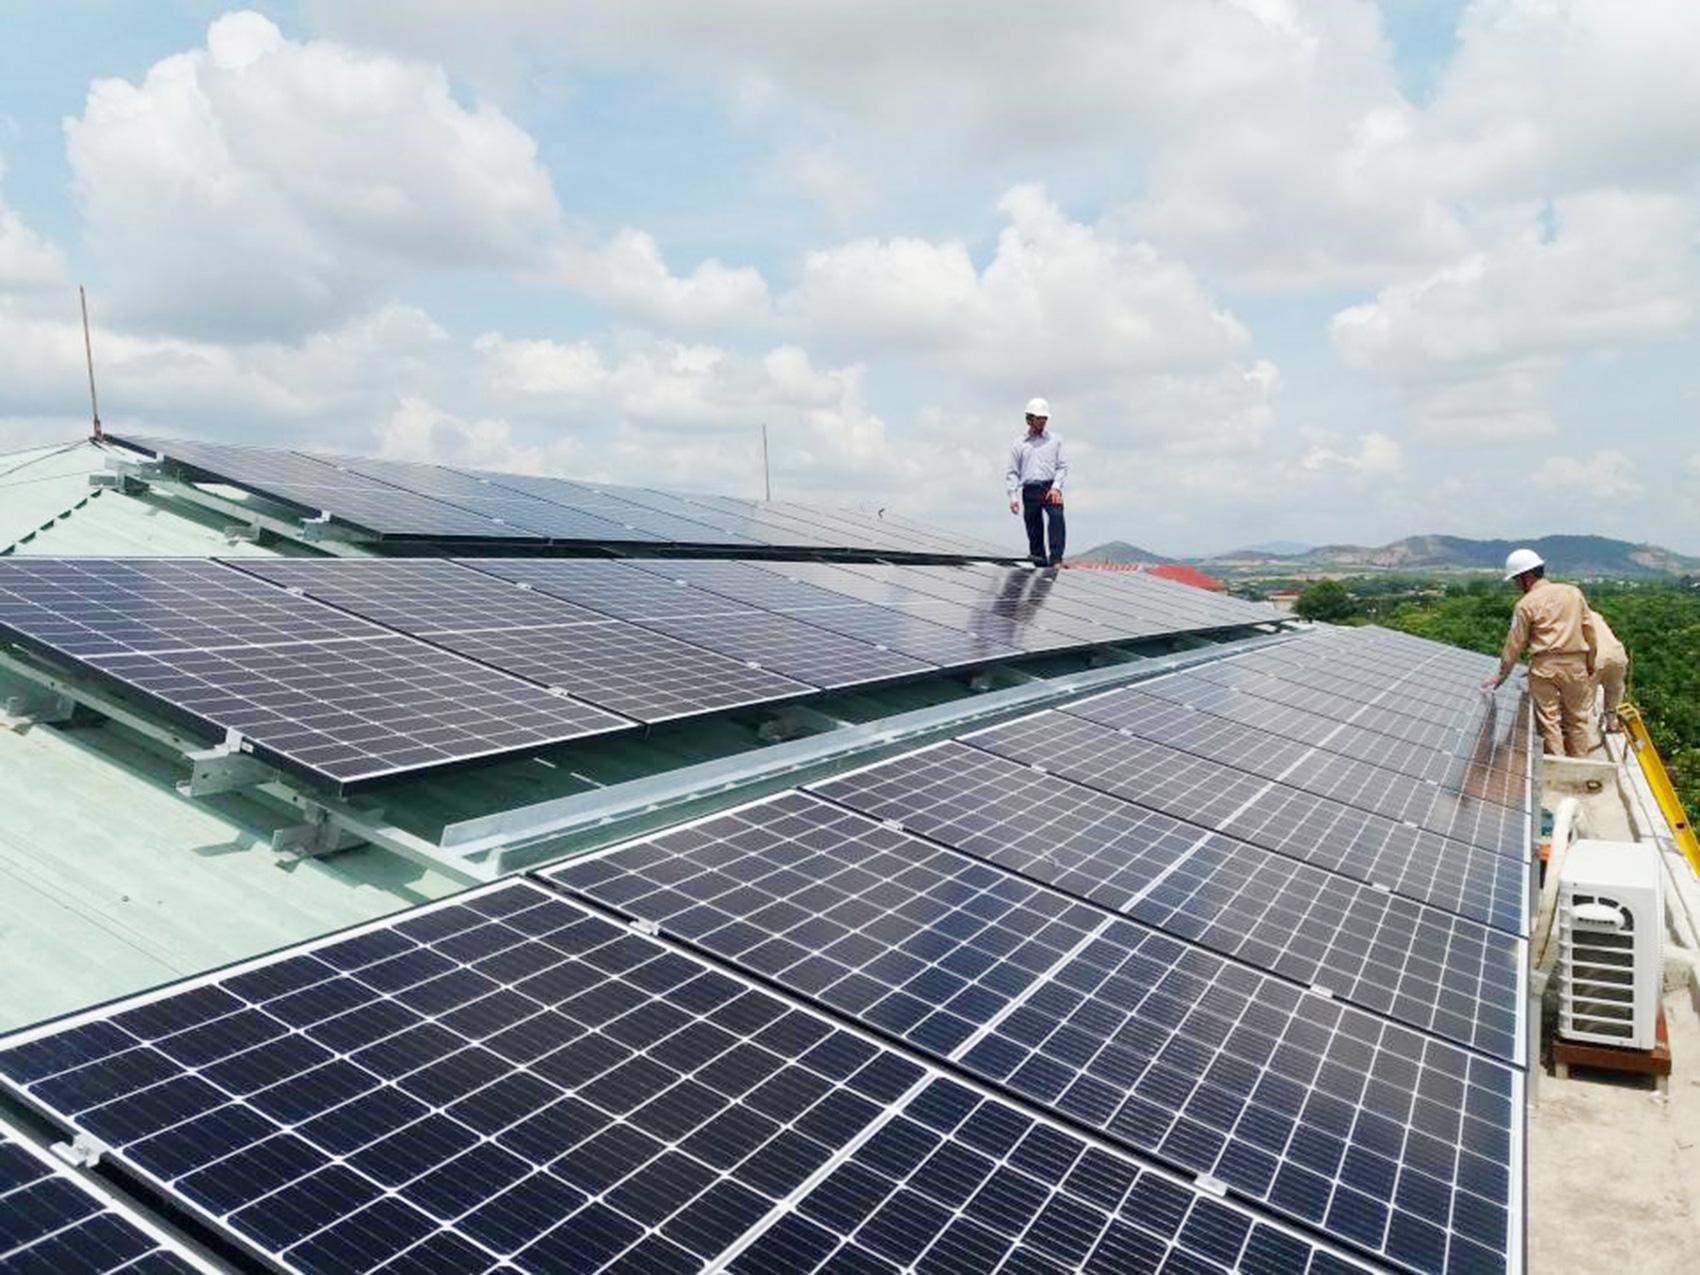 Dự án điện mặt trời mái nhà: Dân ồ ạt đăng ký nhưng chưa có thông tư - Ảnh 1.